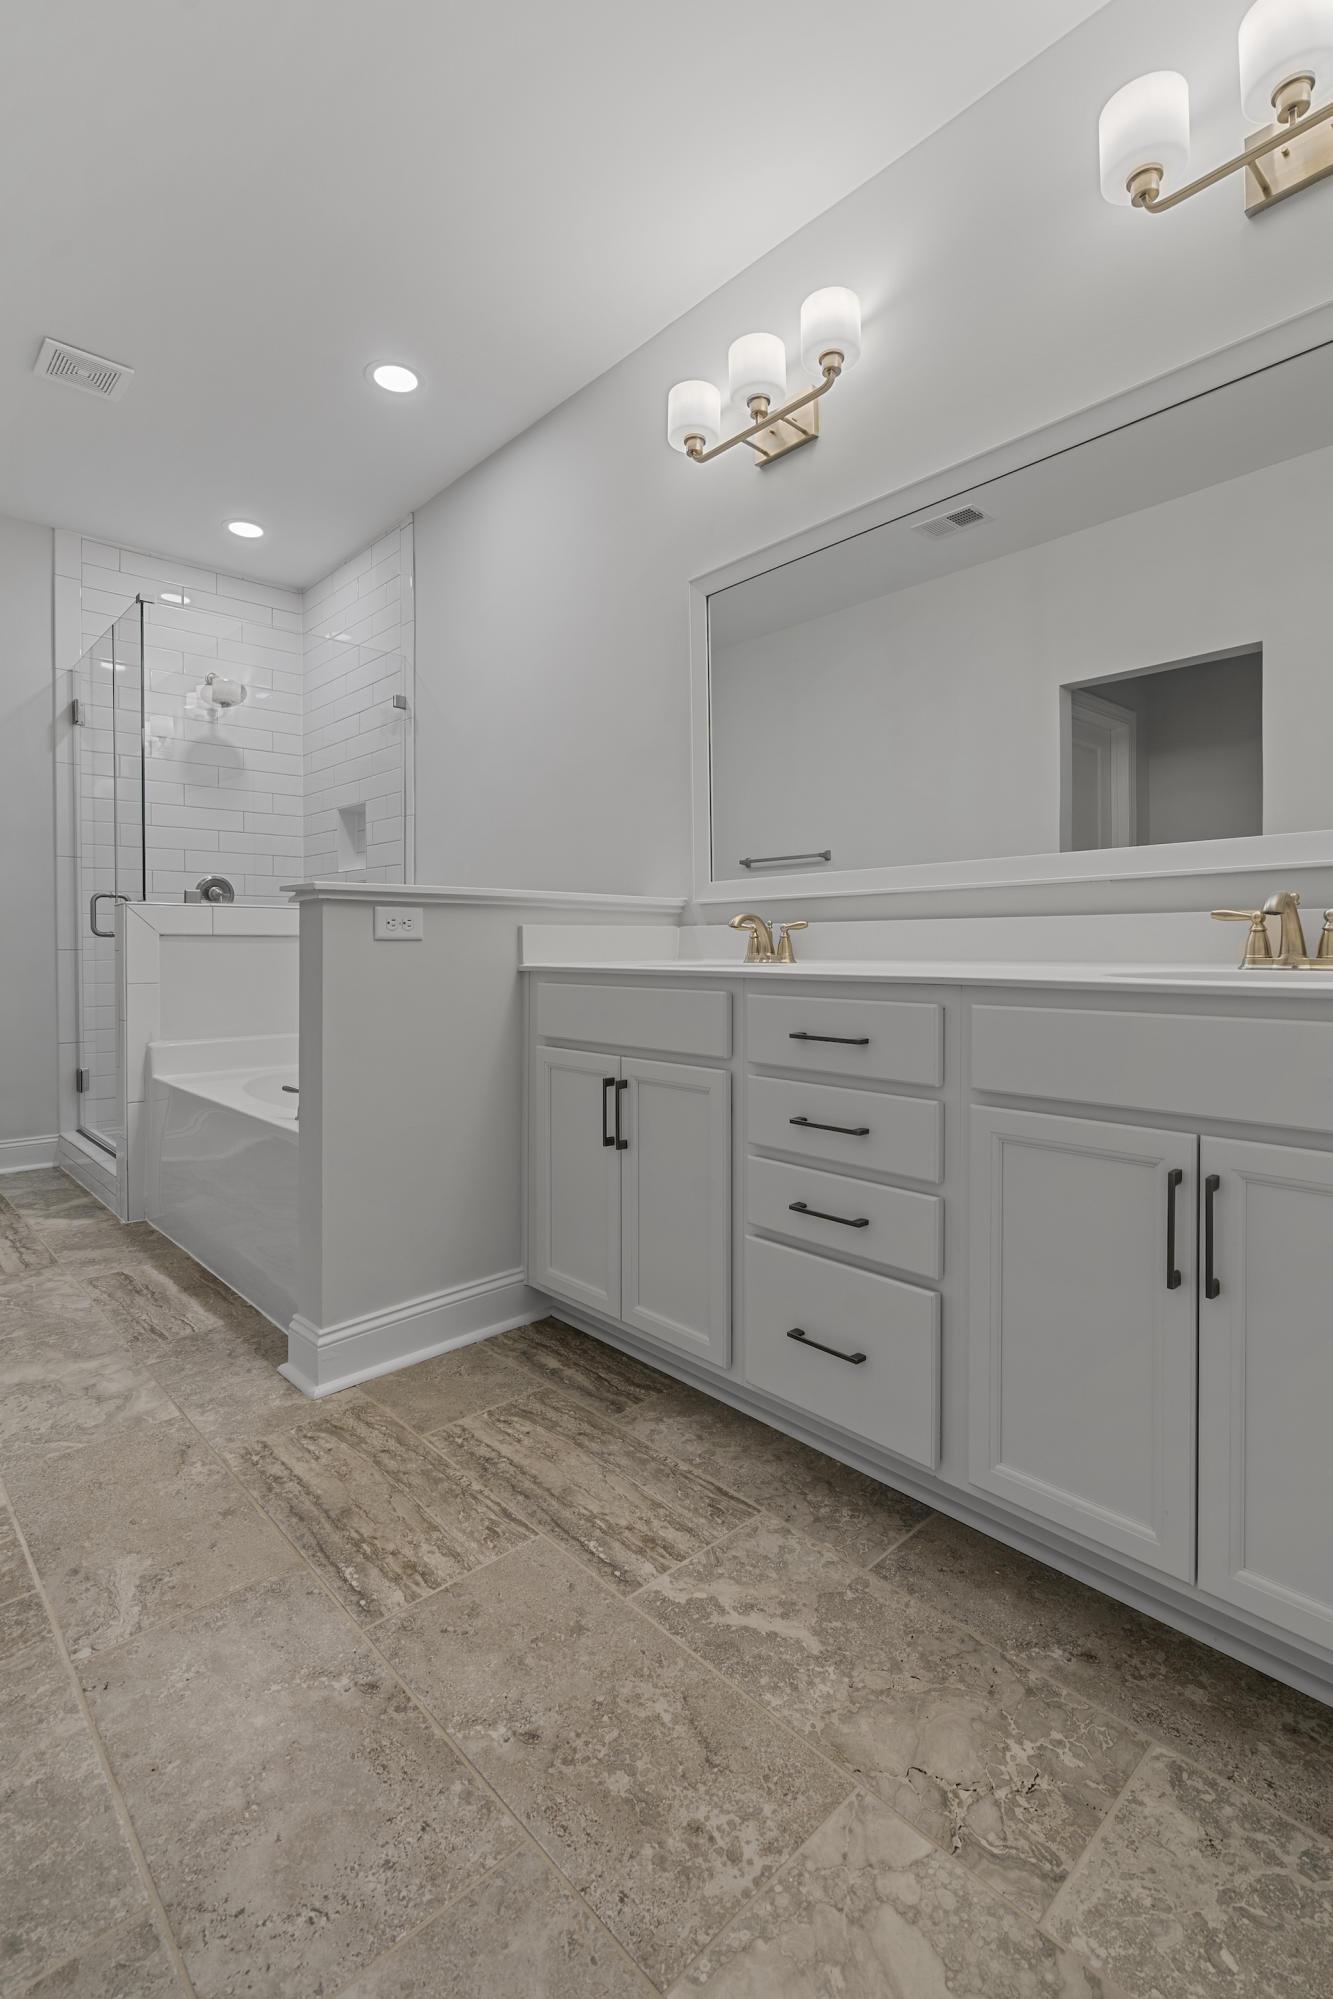 Park West Homes For Sale - 1504 Hopkins, Mount Pleasant, SC - 1